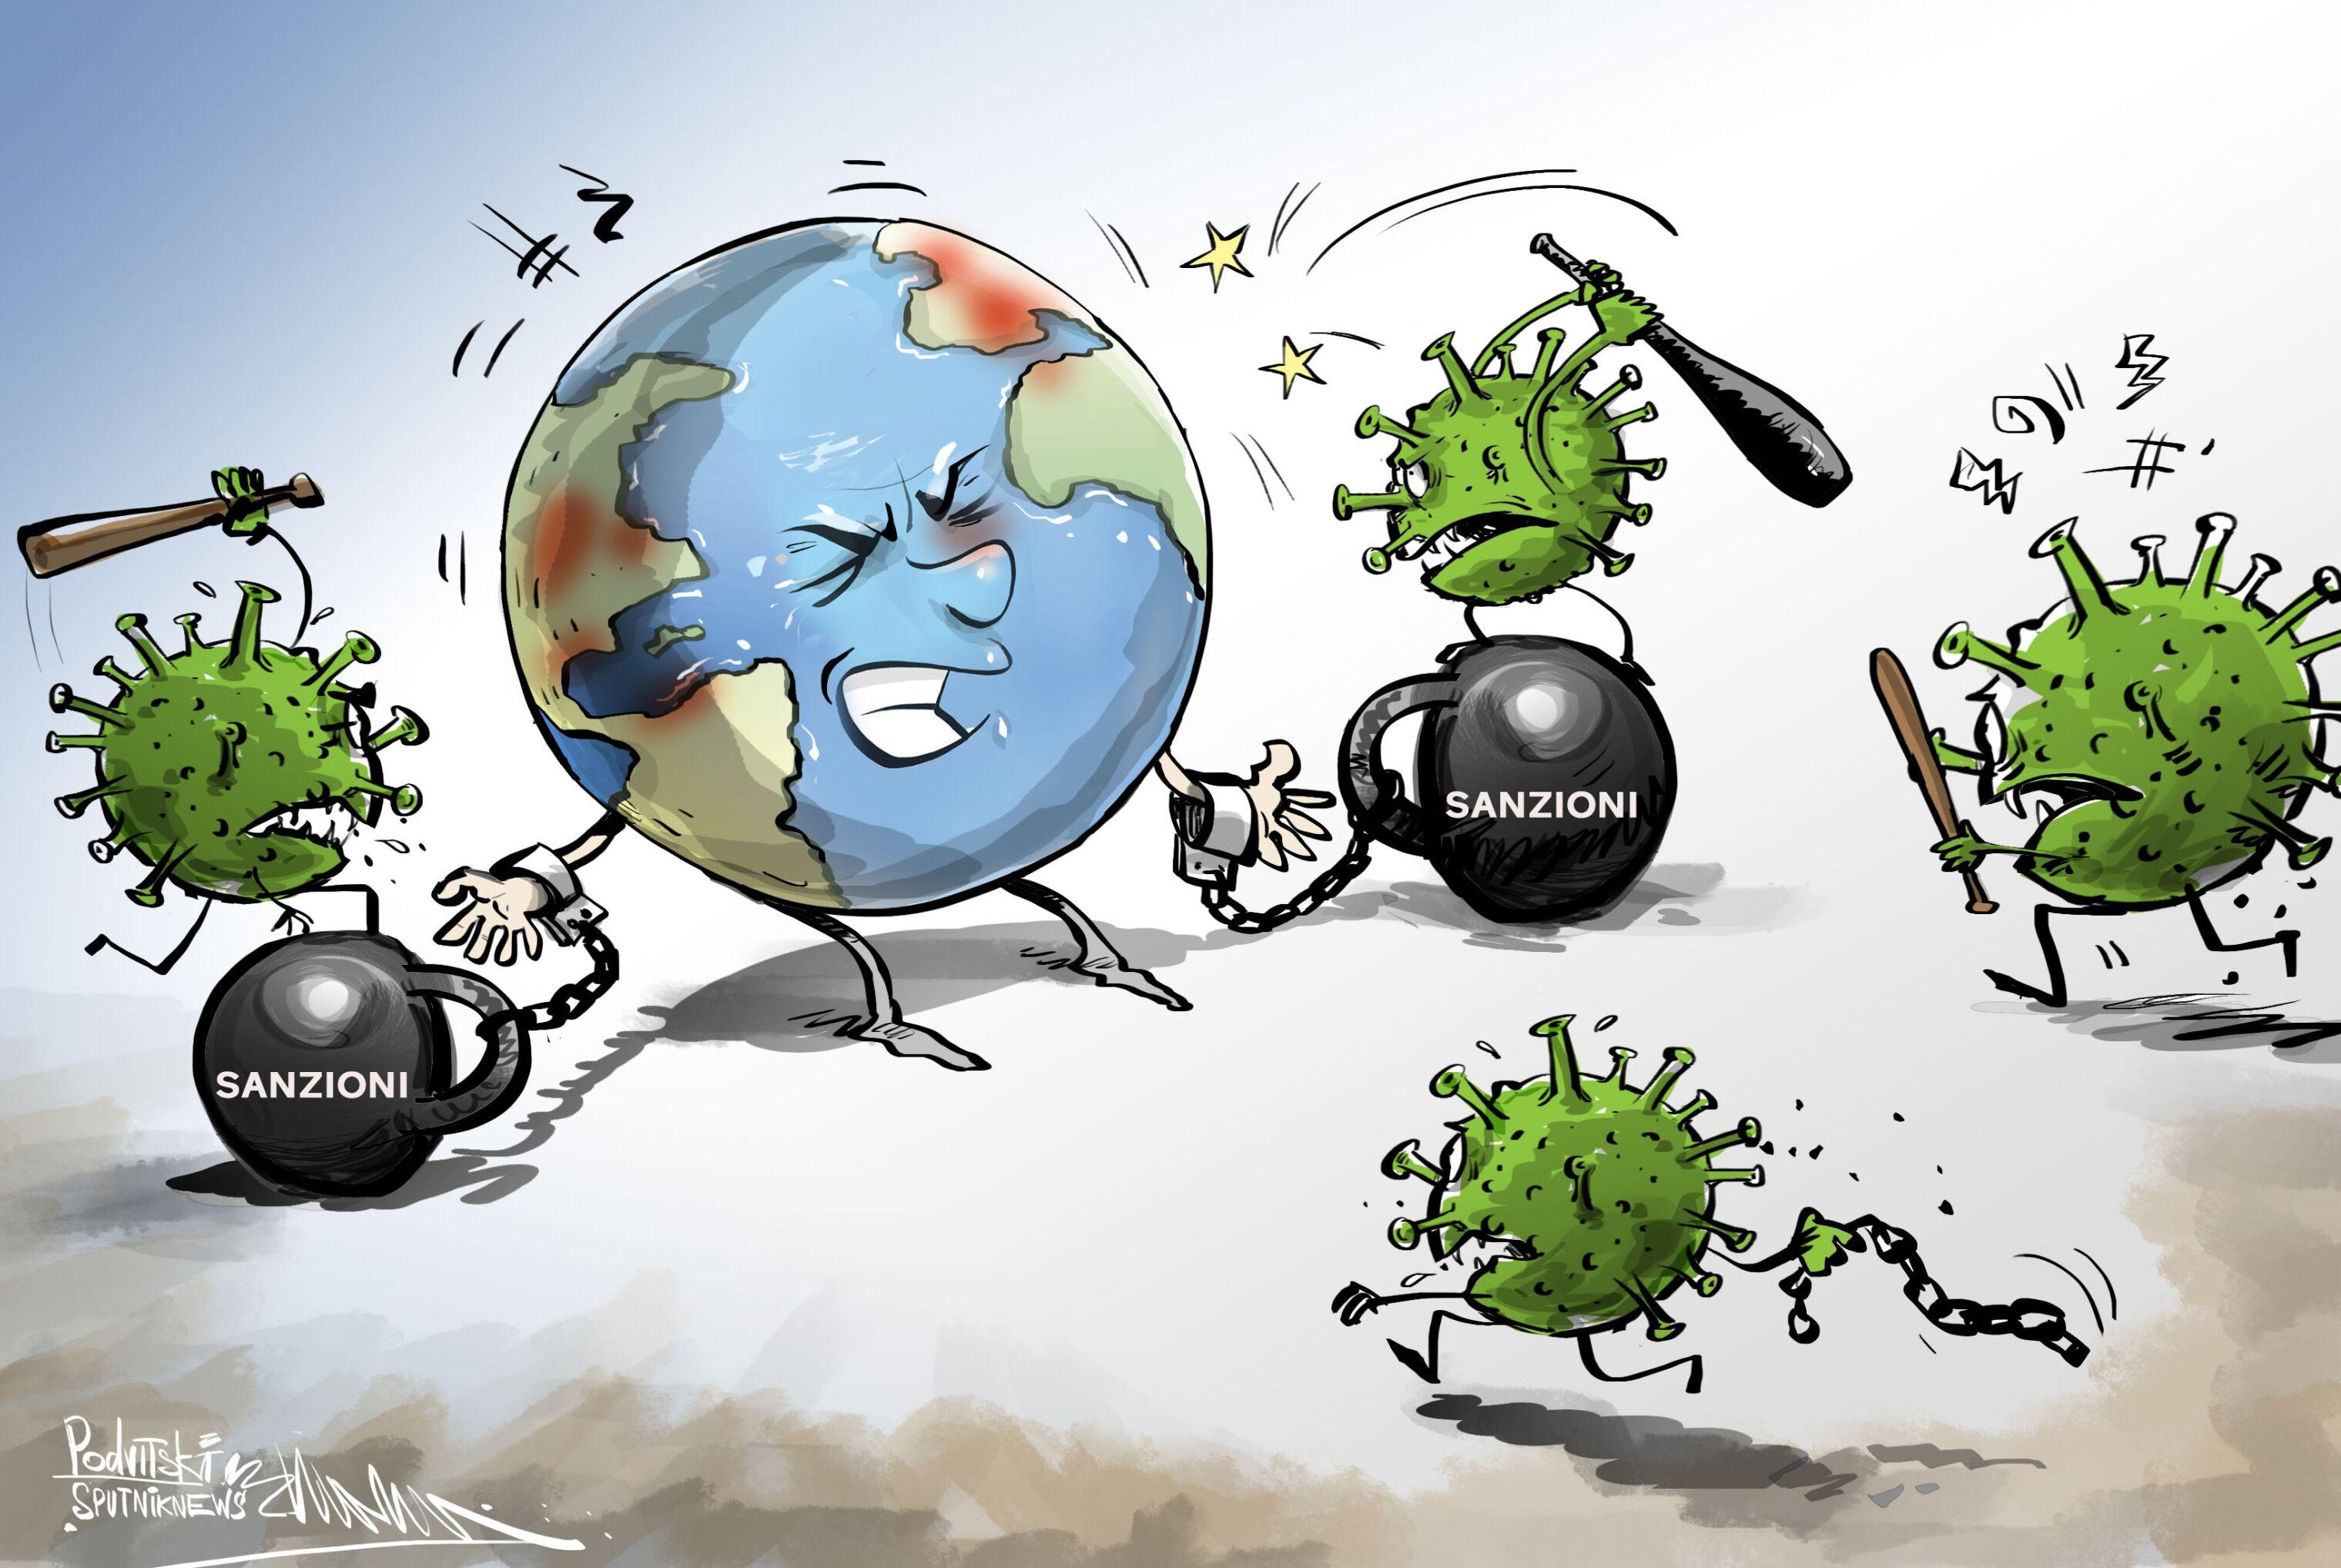 Assemblea generale Onu blocca risoluzione russa sulla revoca delle sanzioni